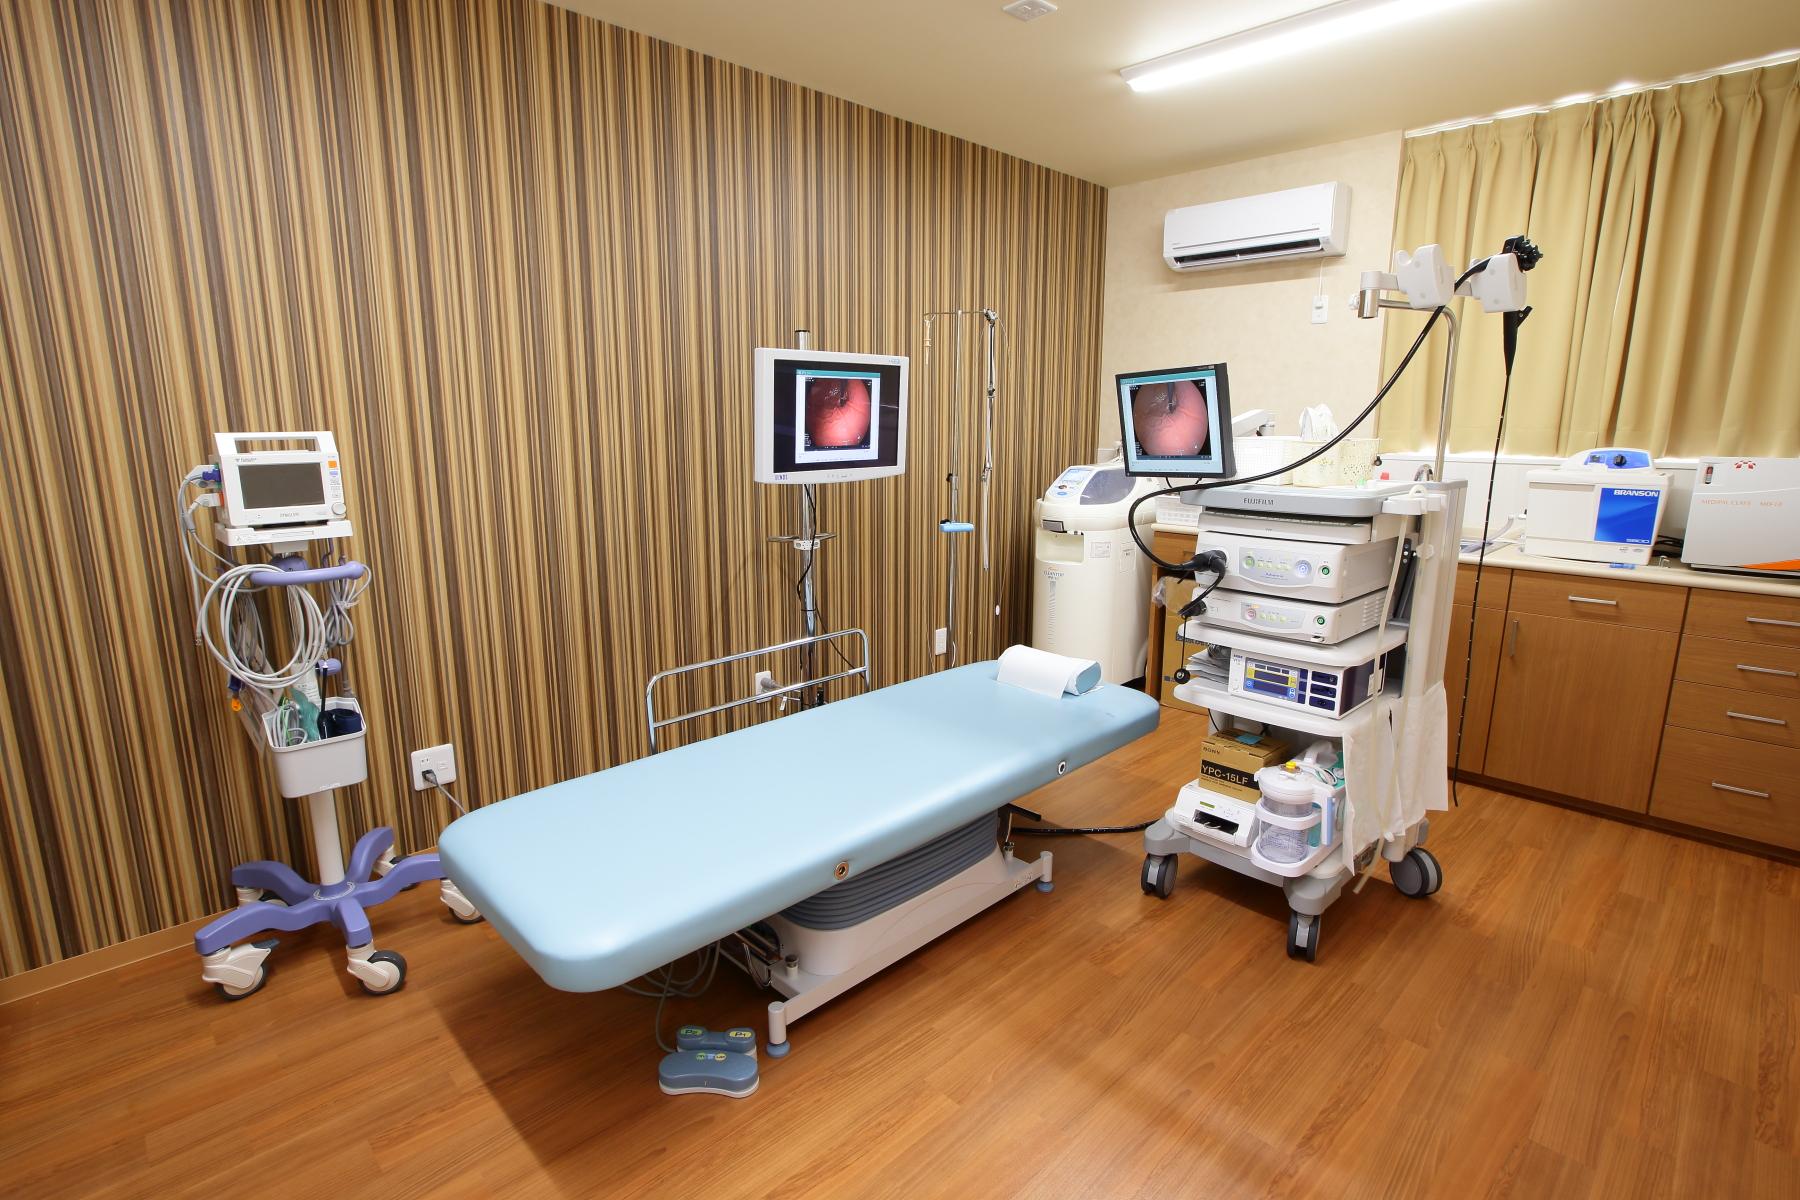 大腸カメラ(大腸内視鏡検査・下部消化管内視鏡検査)